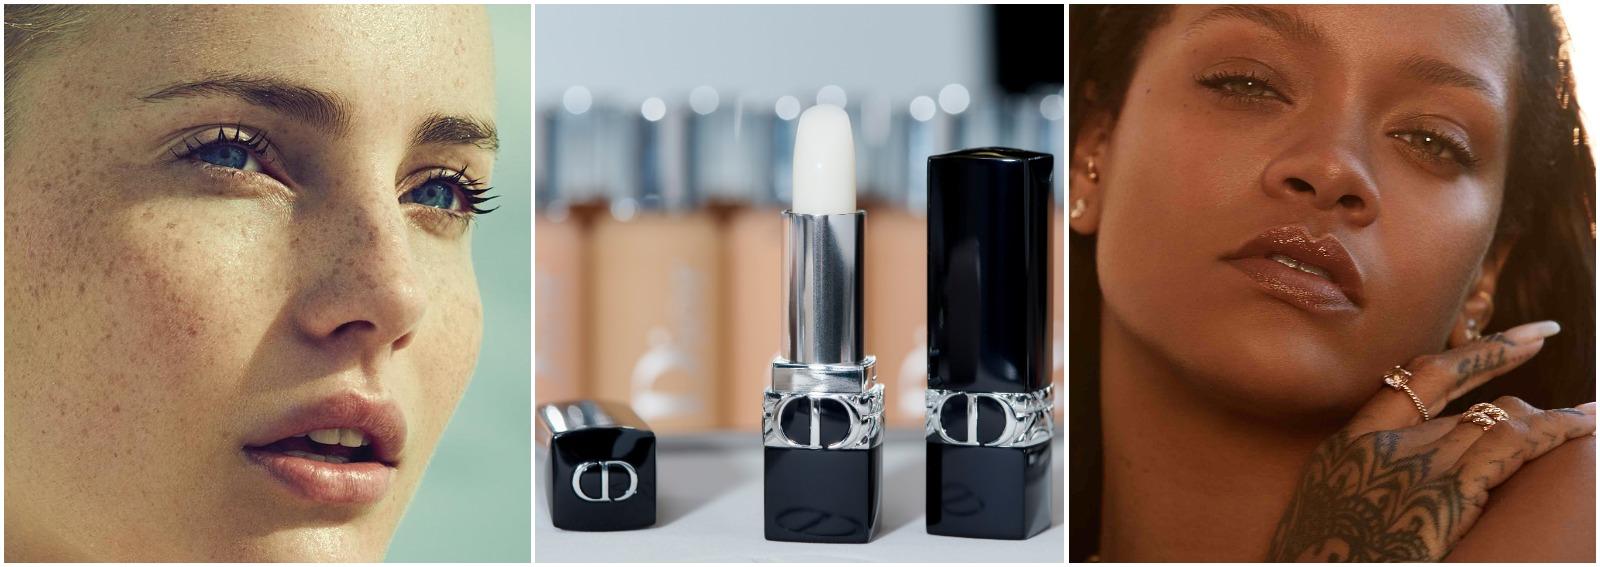 21-prodotti-beauty-novita-per-iniziare-il-2021-cover desktop